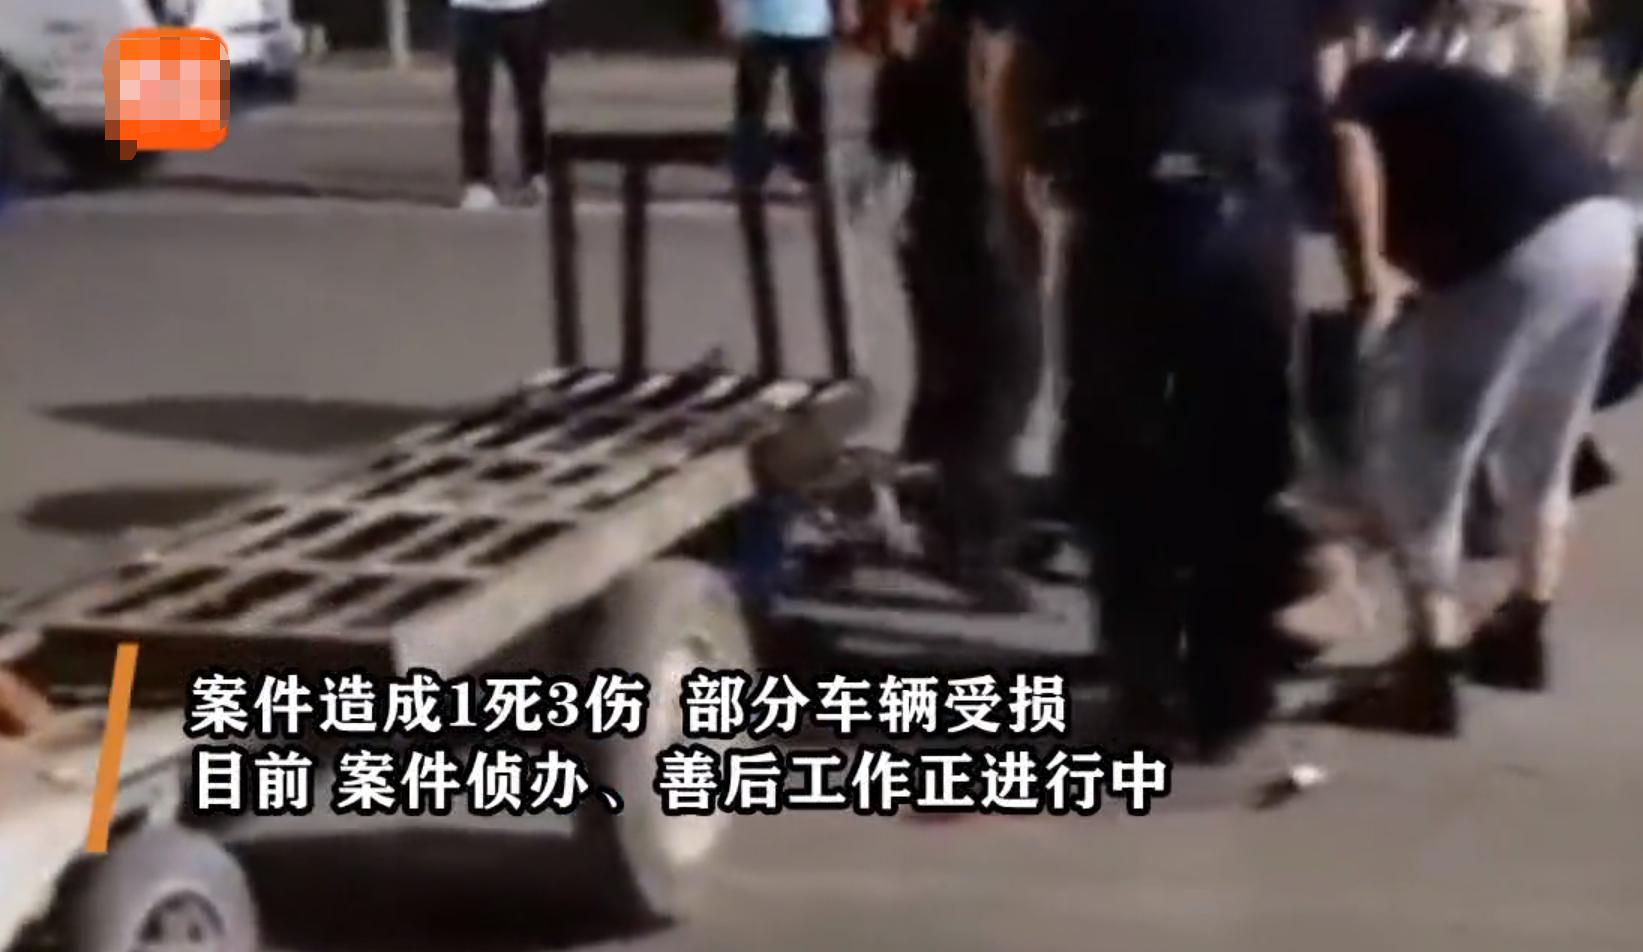 洛阳男子持械伤人致1死3伤,鸣枪示警无效后,警方开枪将其控制